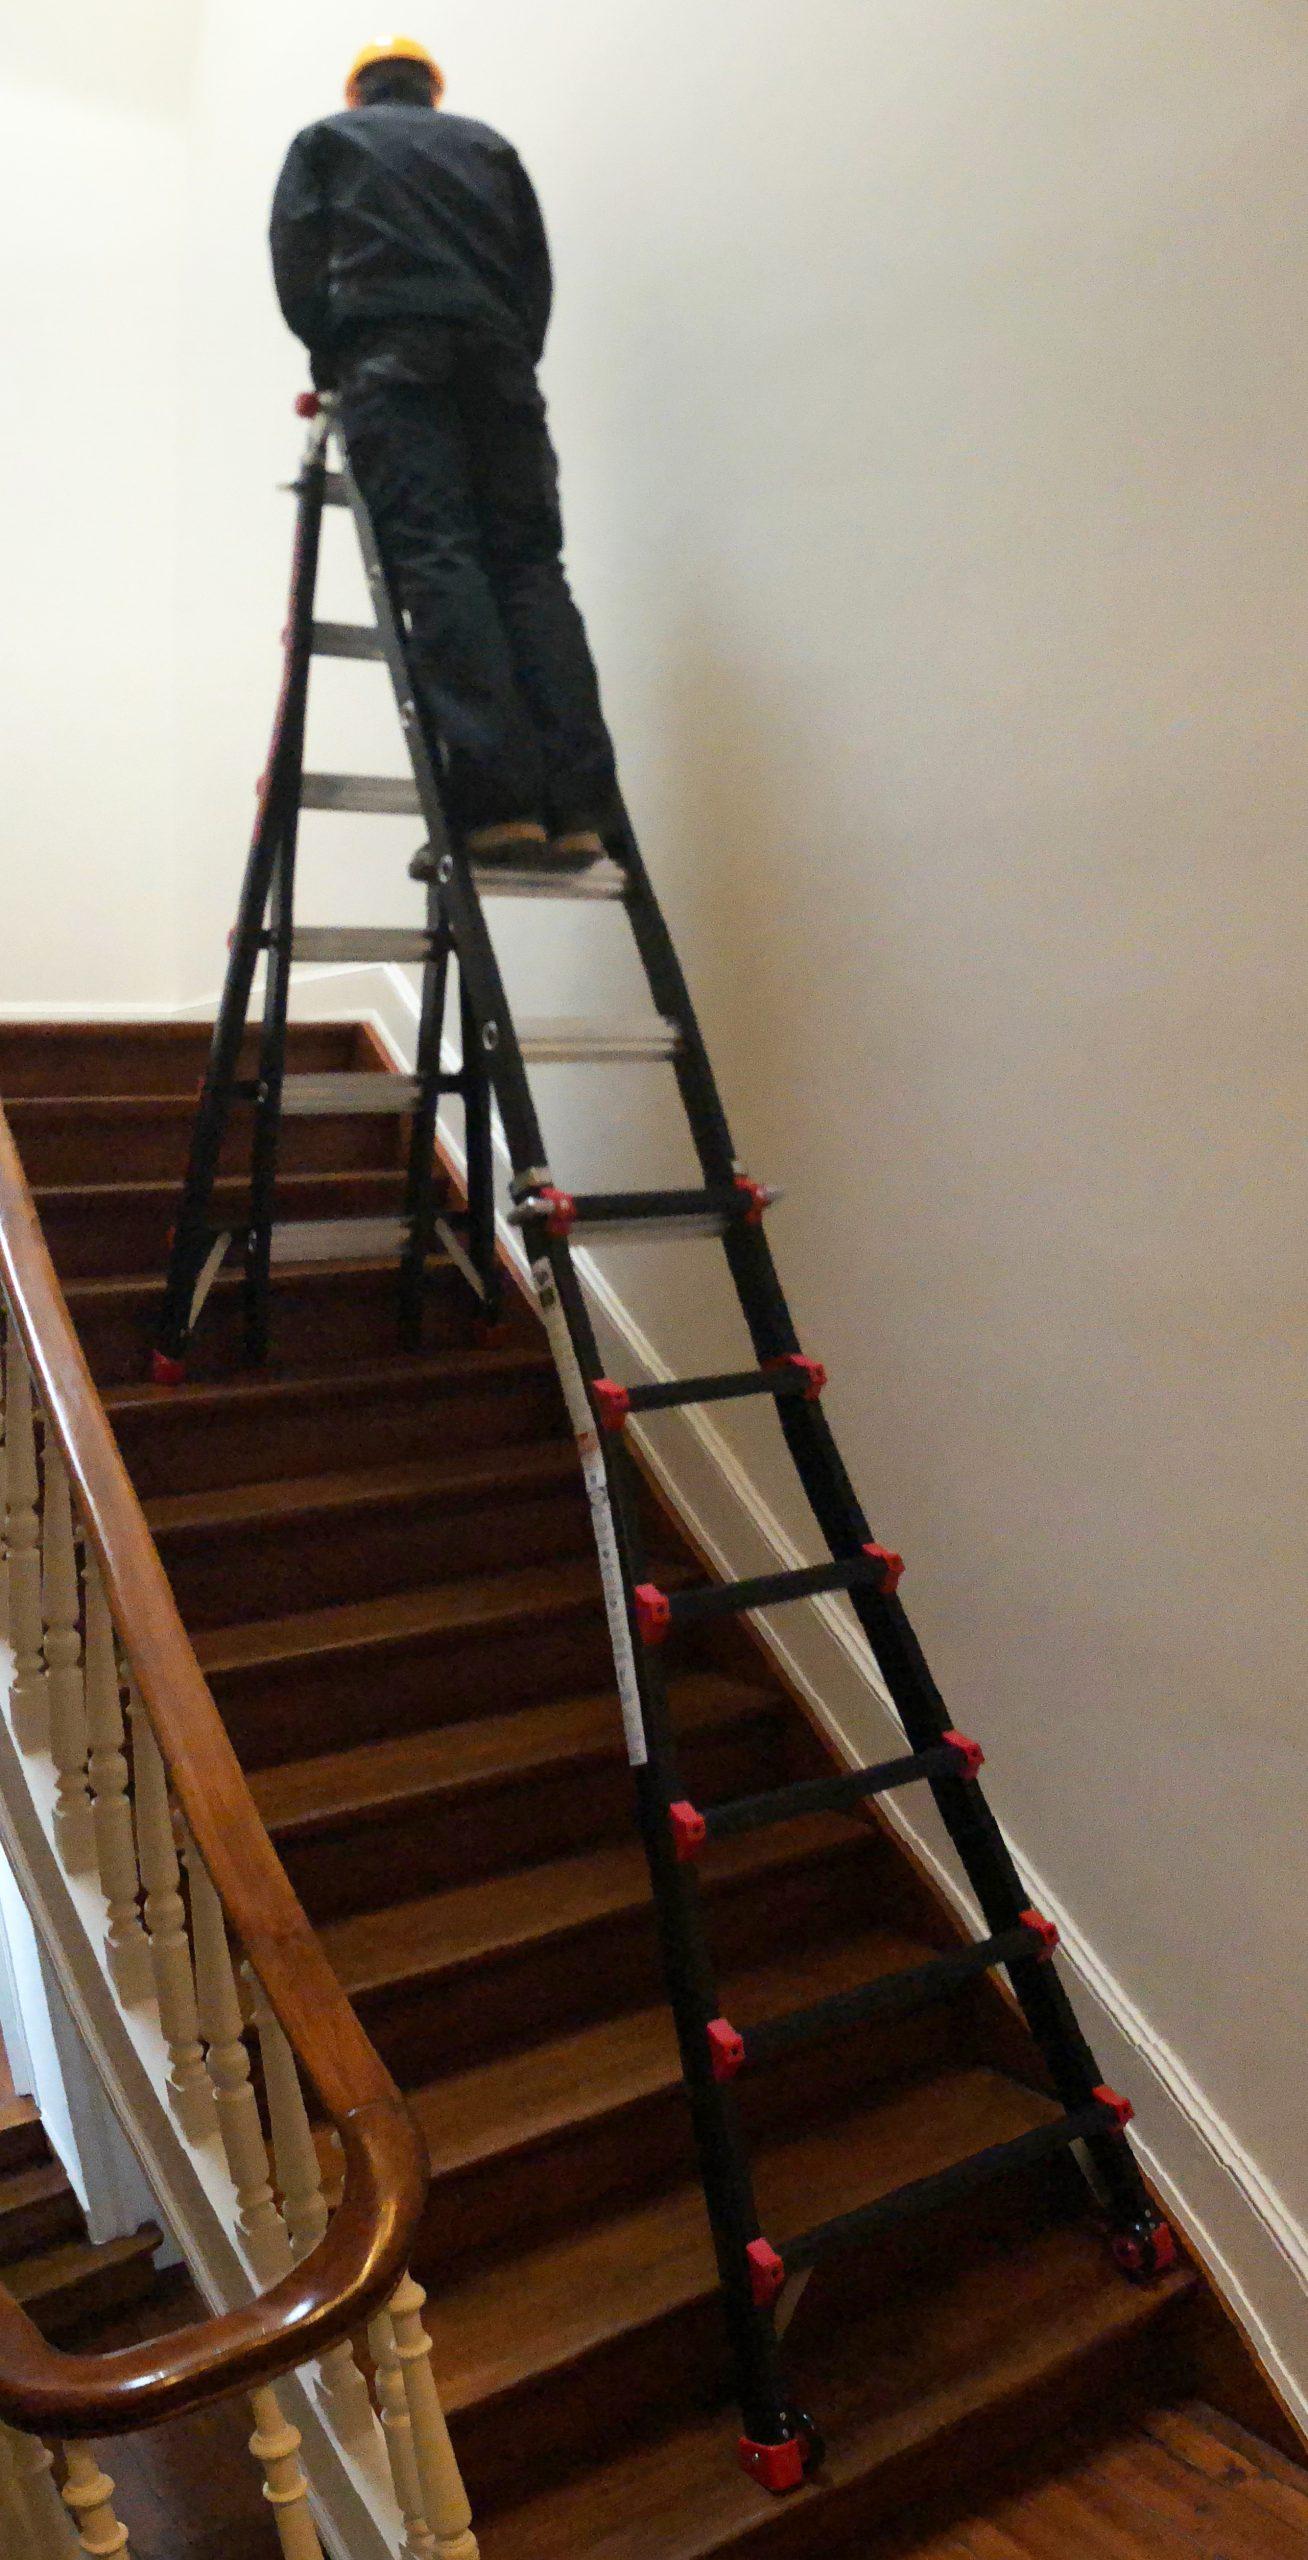 man met 4x6 bigone ladder op trap